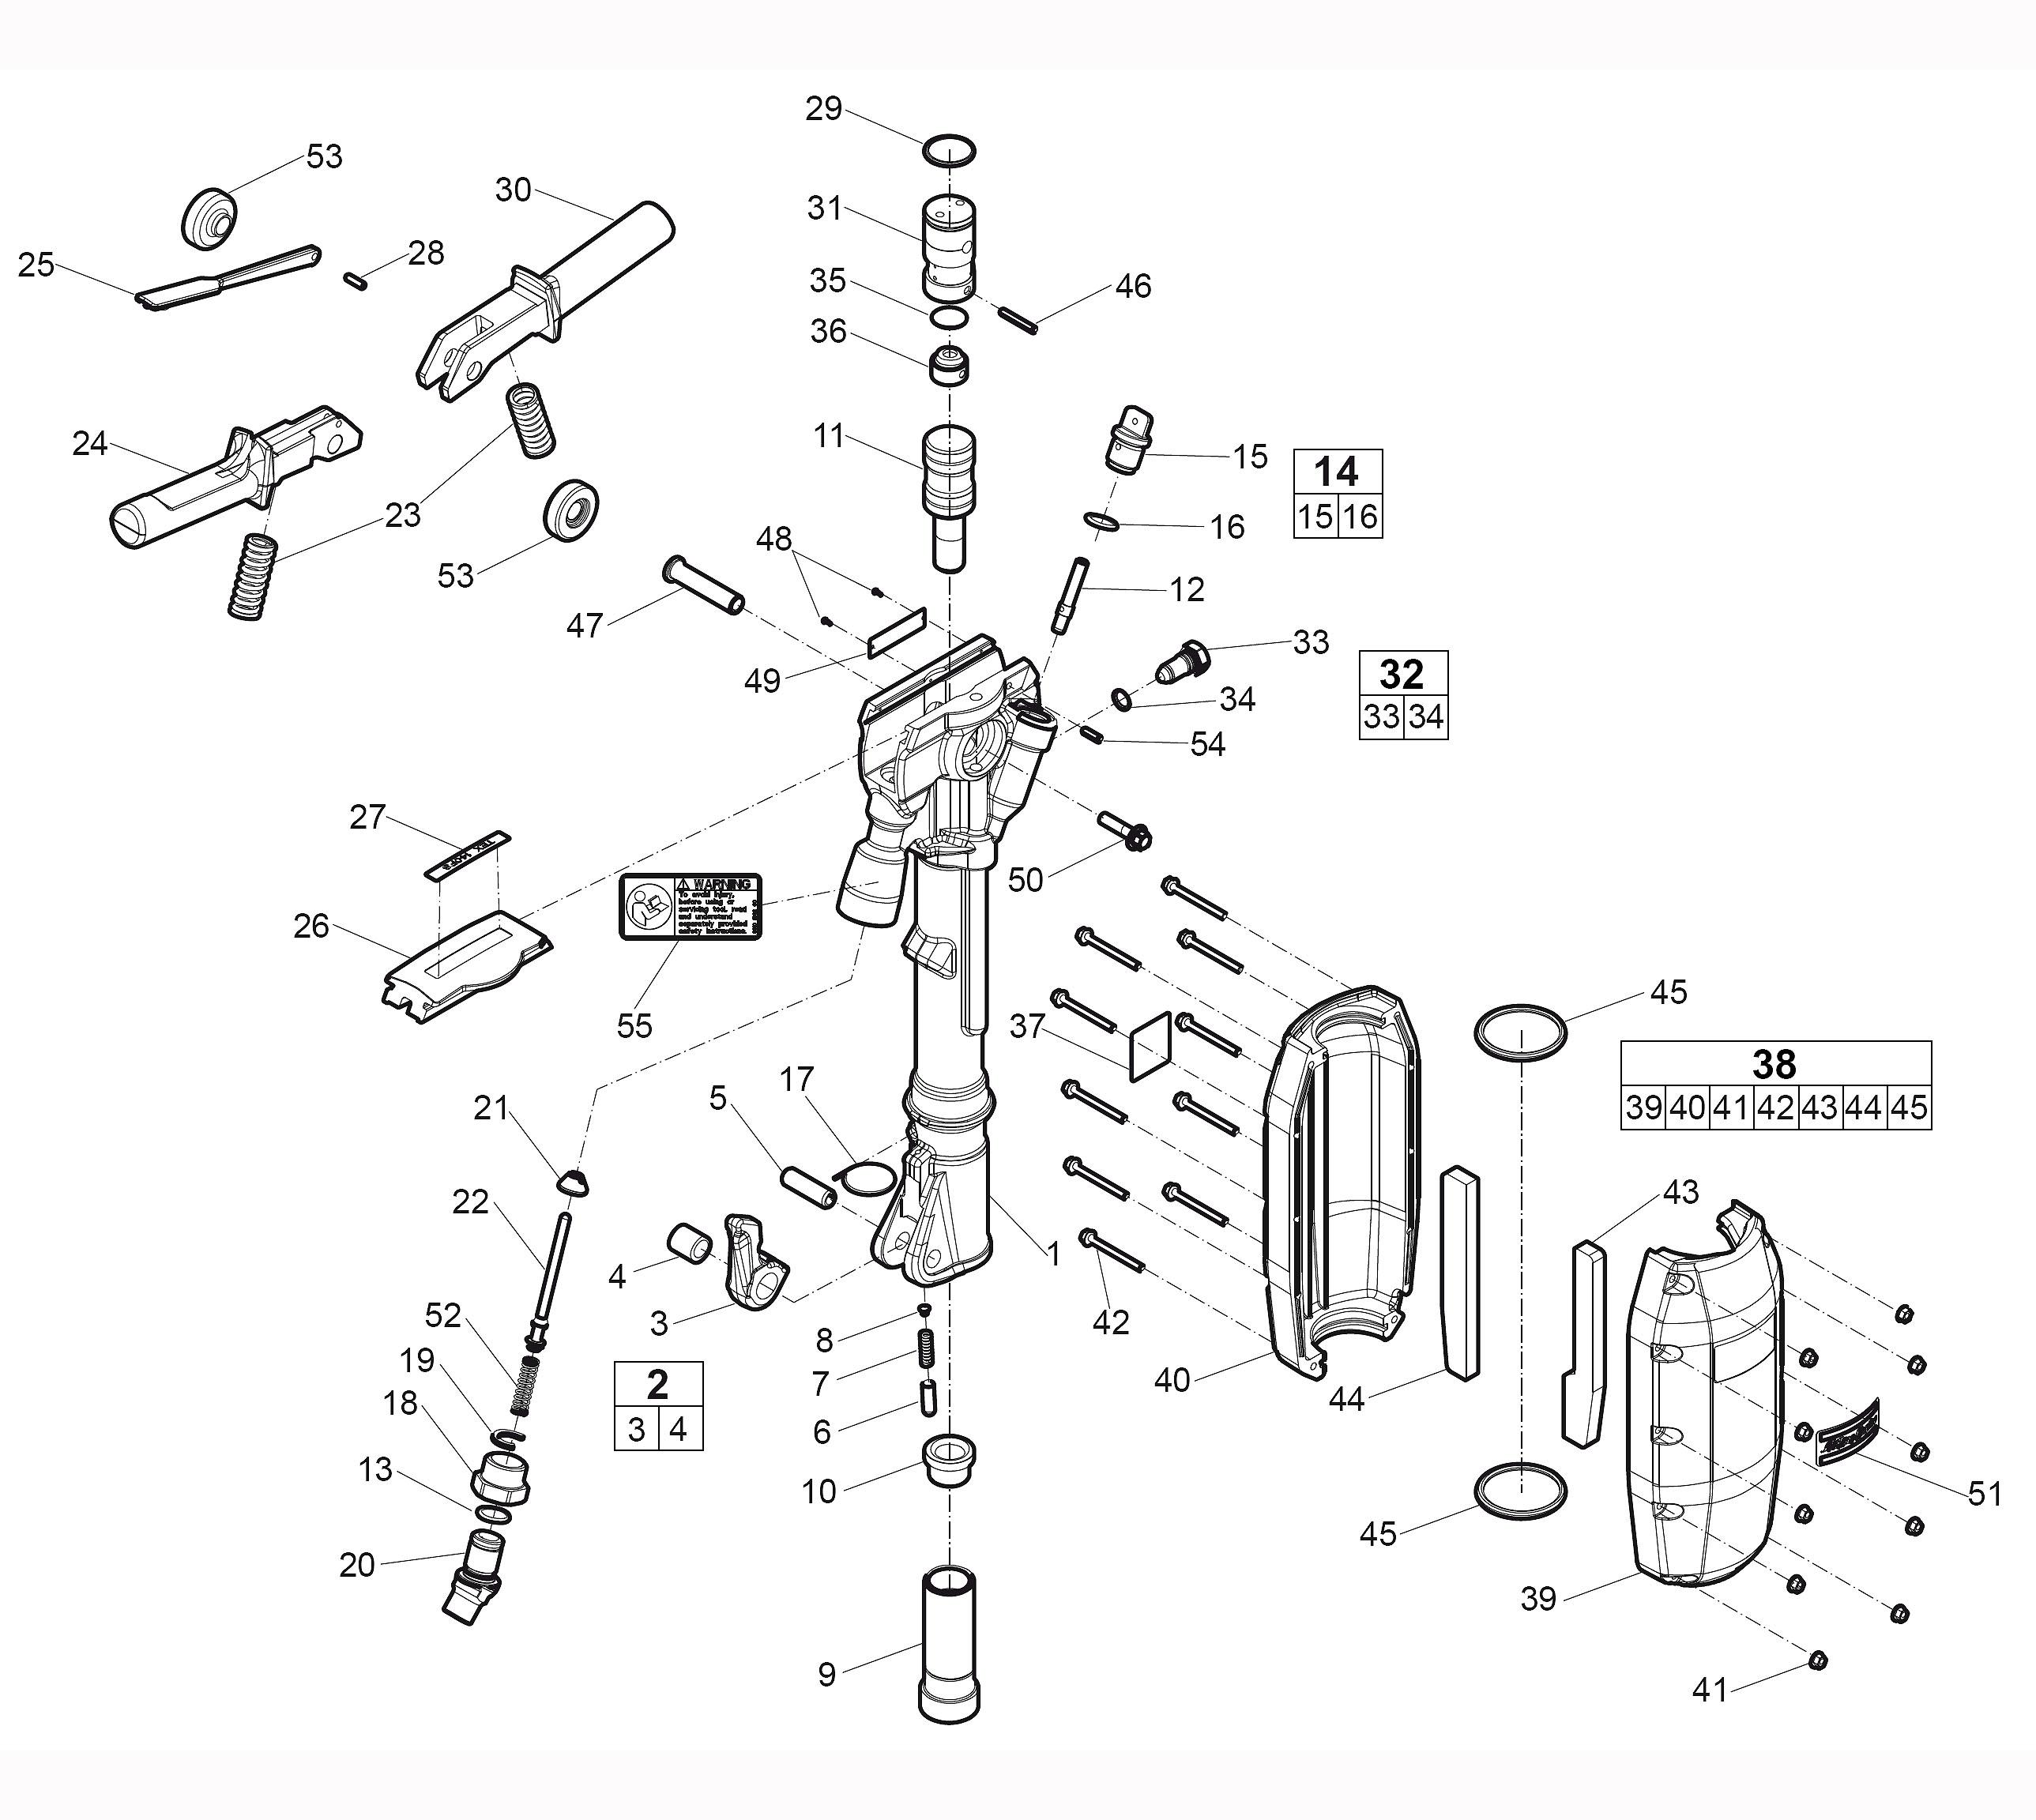 Atlas Copco Diagram 6 Wire Pin Schematics Wiring Diagrams 8 Trailer Connector Tex 280pe 69lb Paving Breaker Page 1 Of Rh Toolsrenewedparts Com 12 Plug